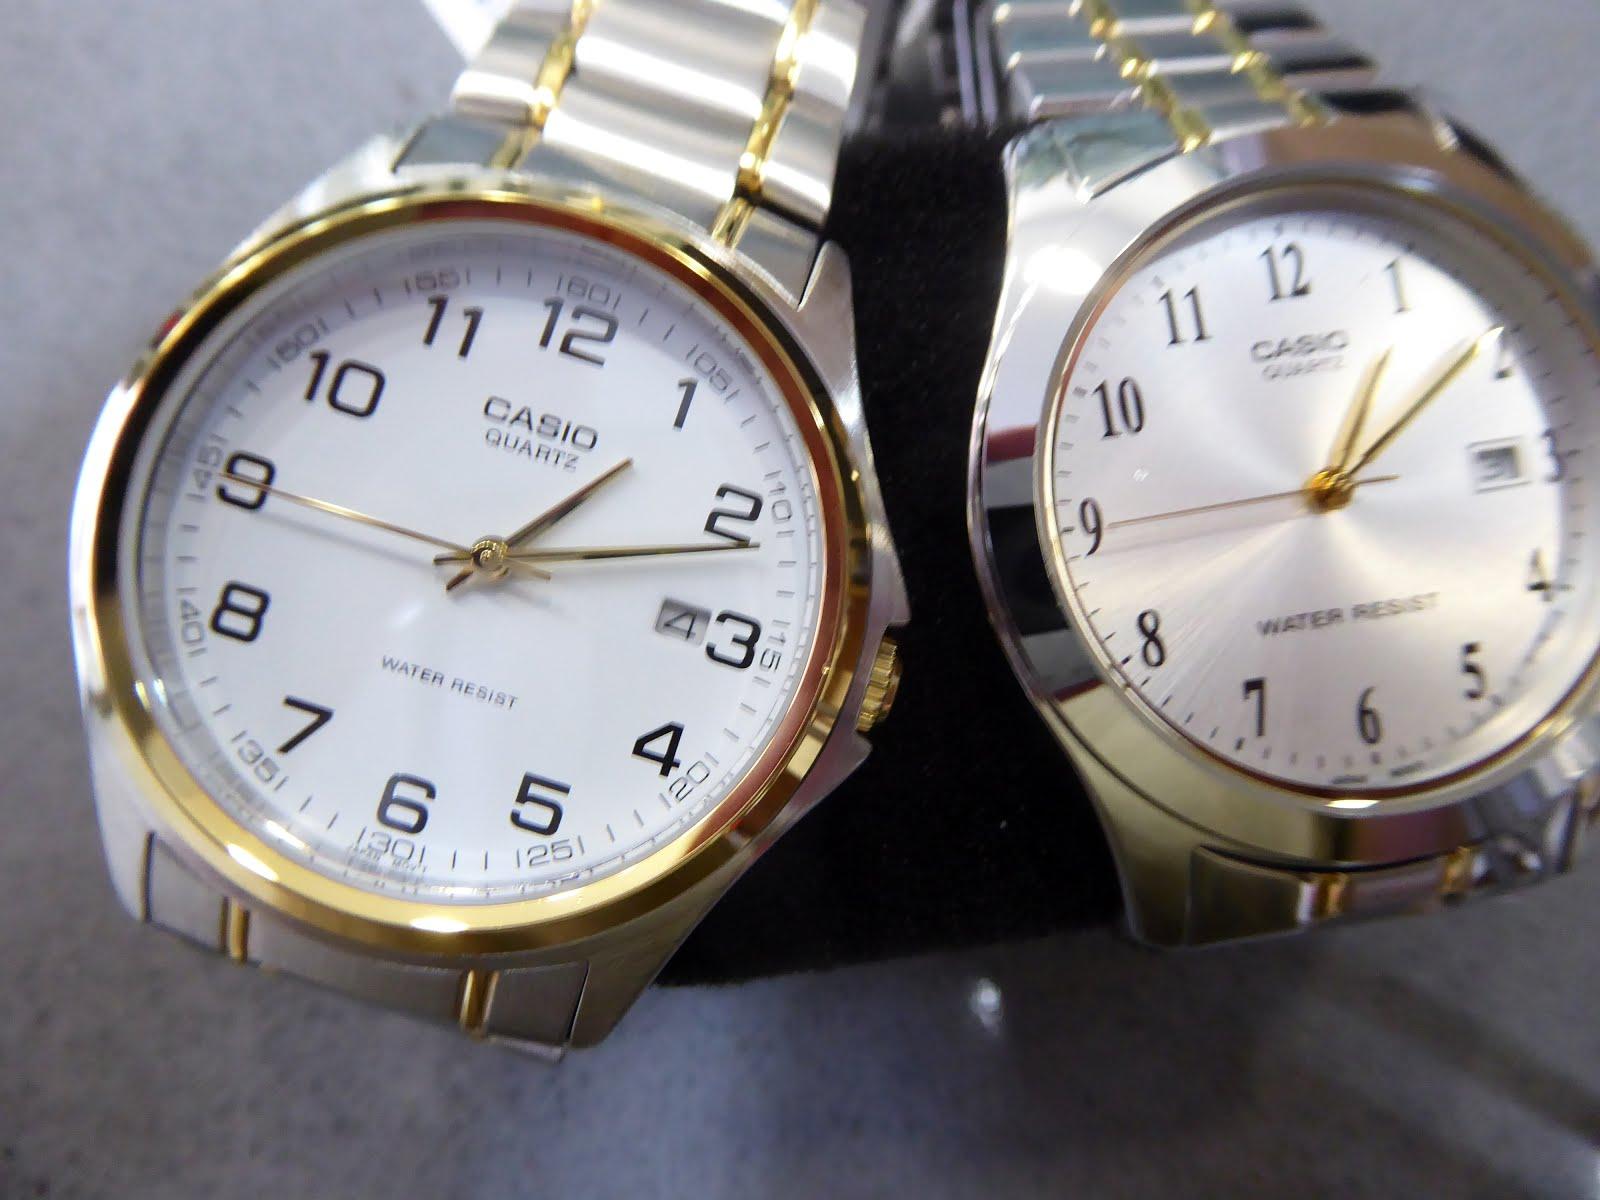 Relojes Casio con army de acero bicolor